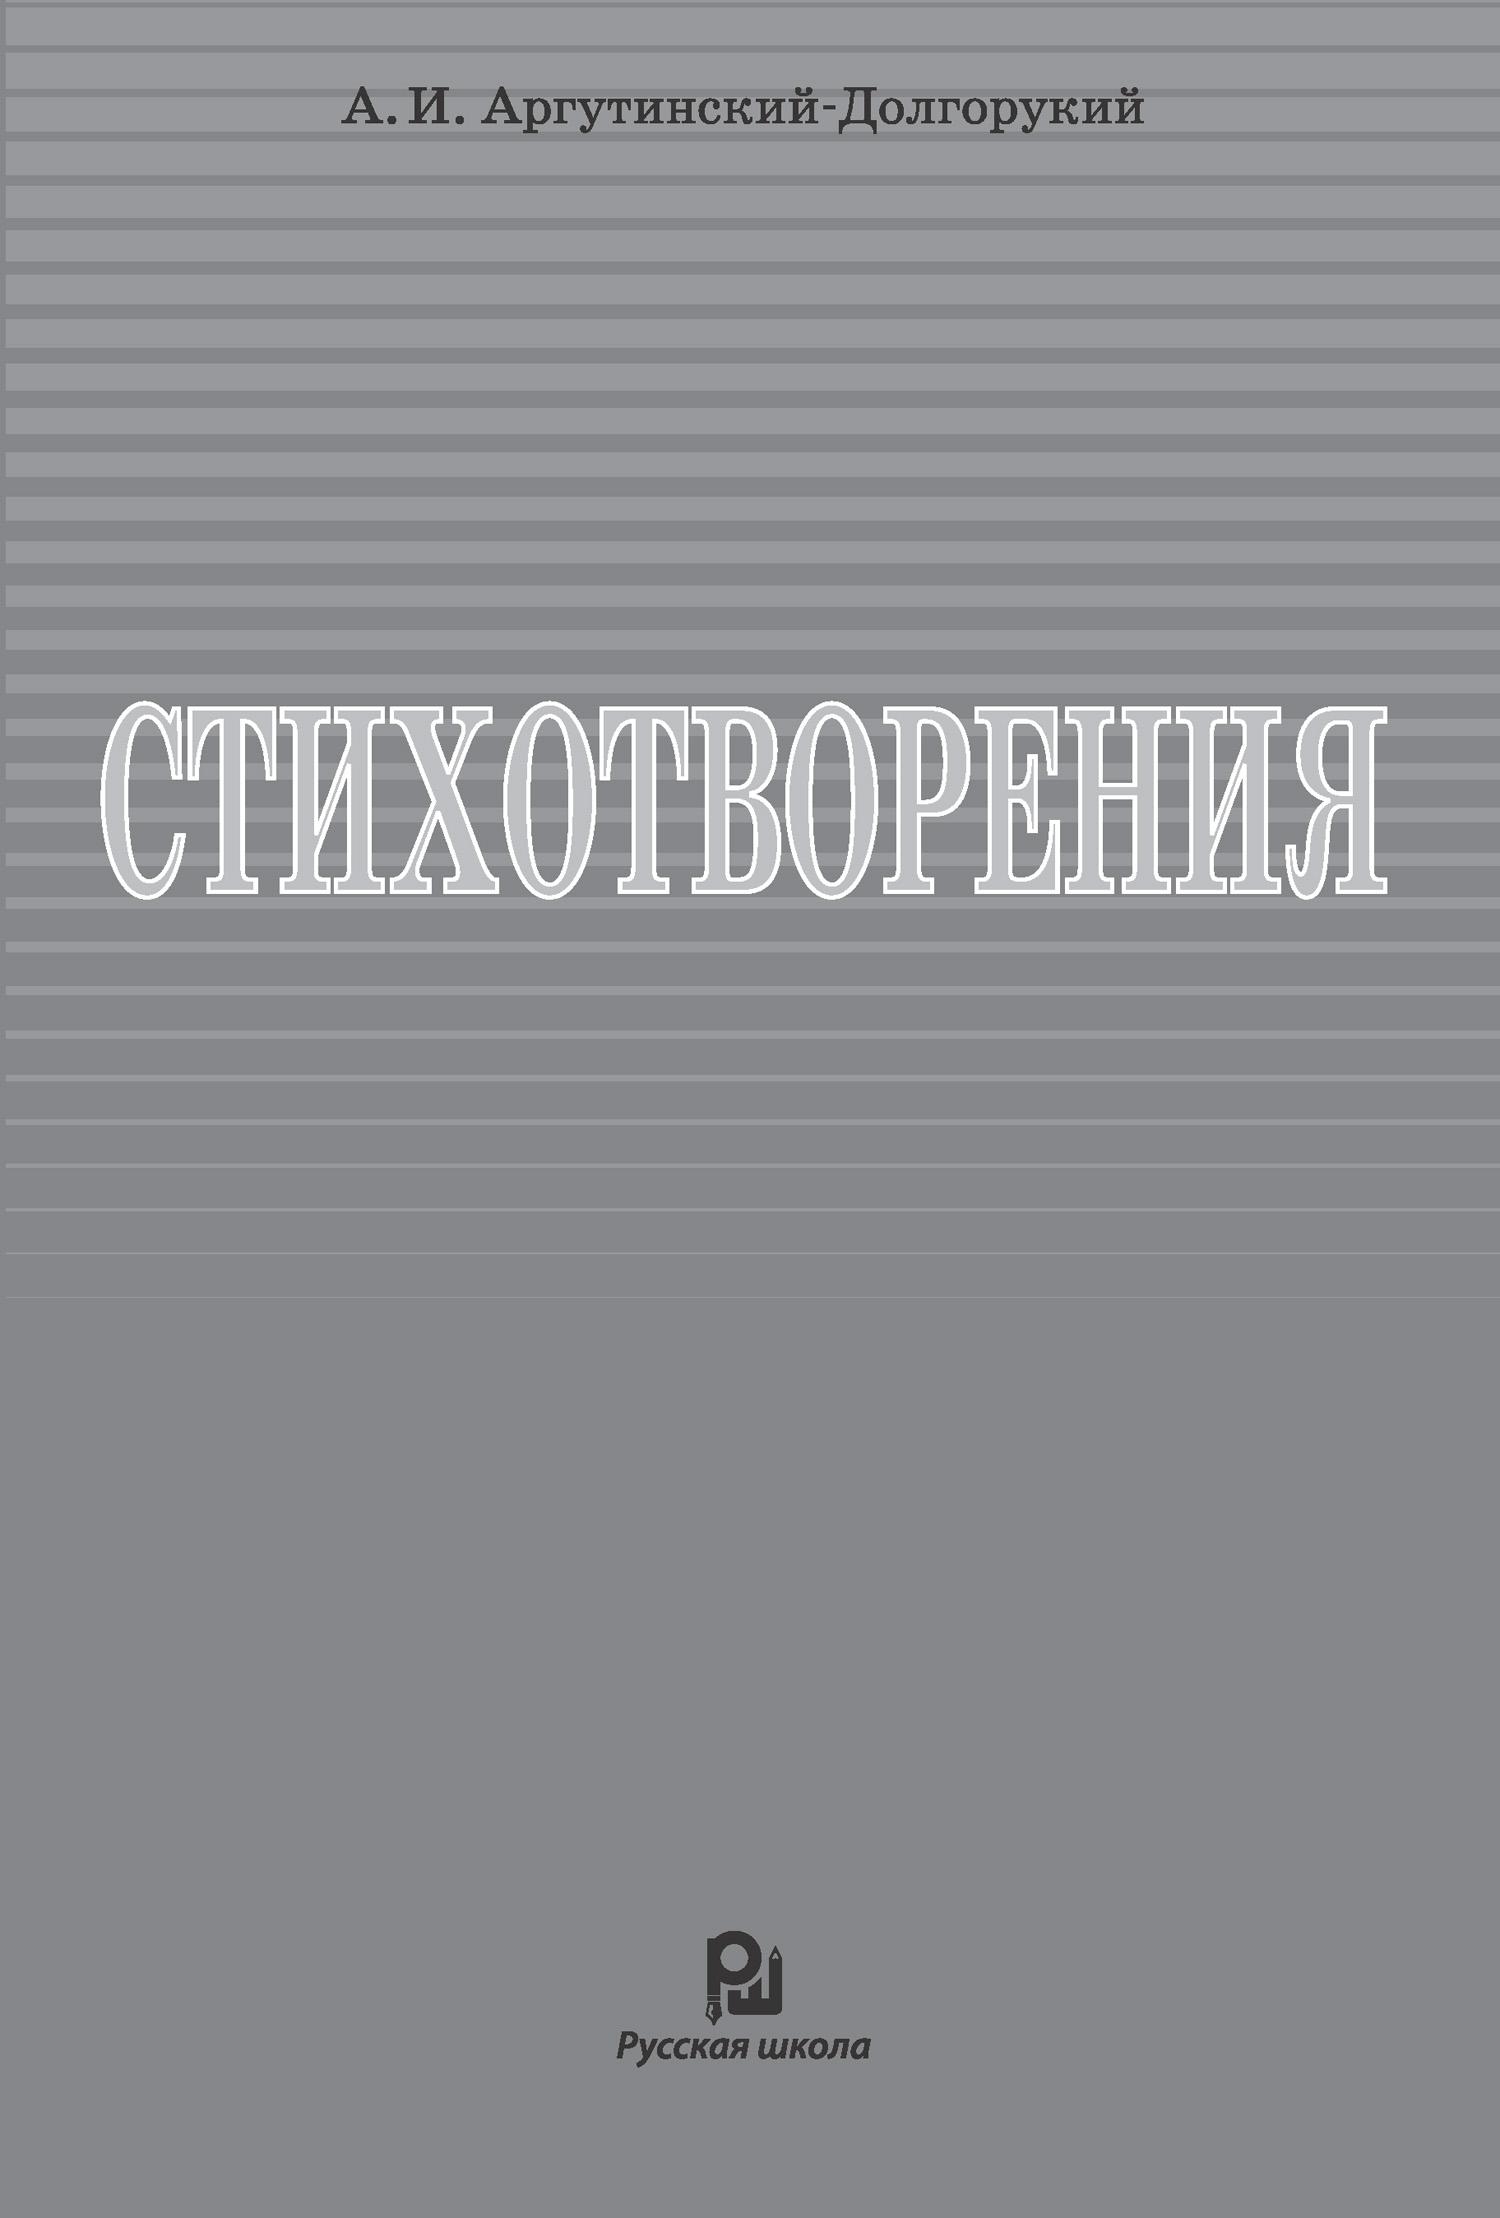 Ян Вильям Сиверц ван Рейзема (А. И. Аргутинский-Долгорукий) Стихотворения александр радищев вольность